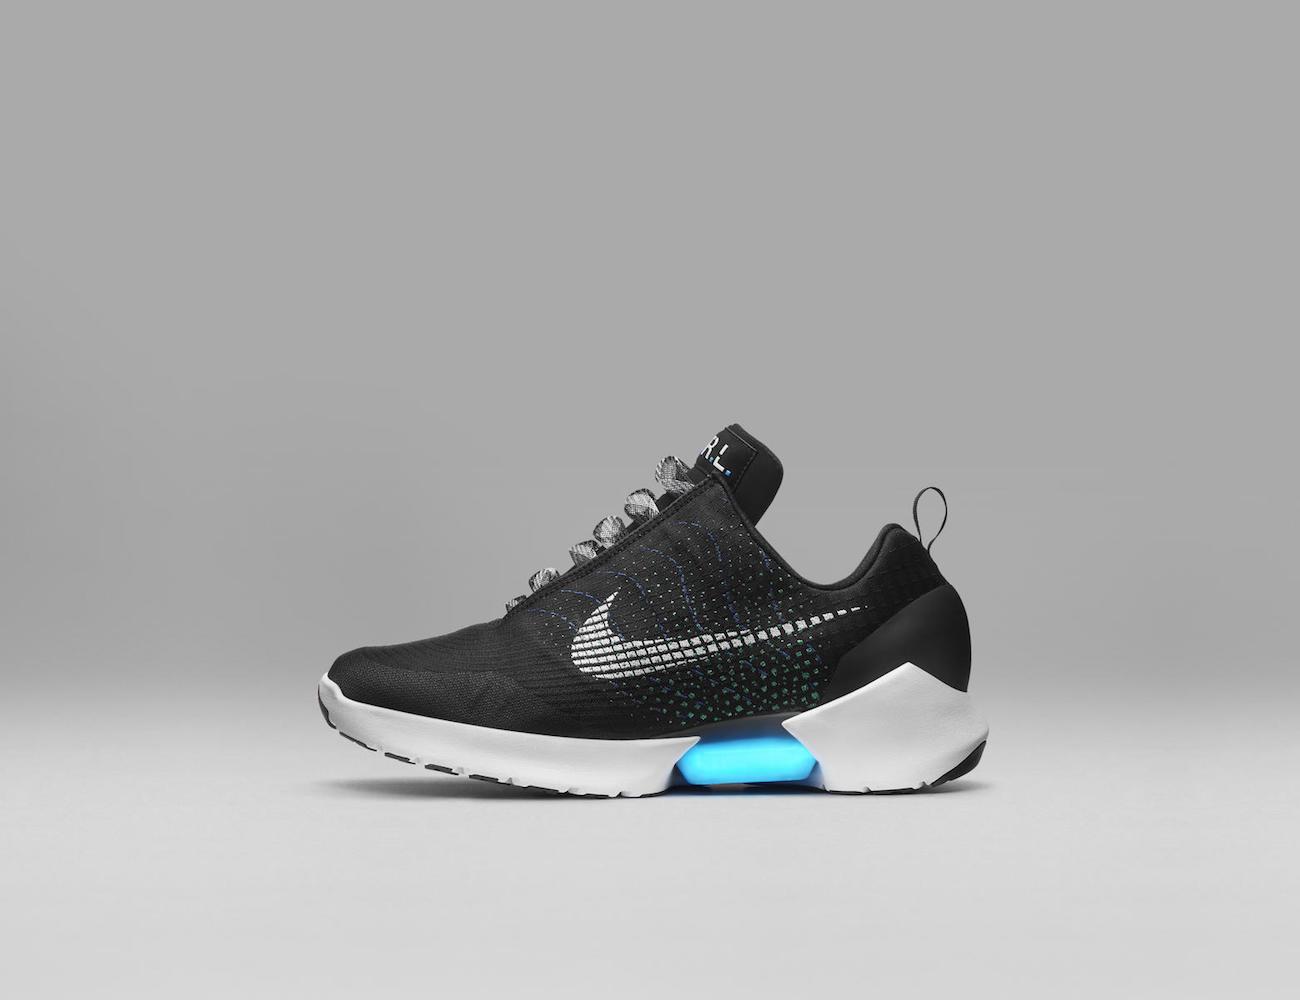 Hyperadapt 1.0 Self-Tying Sneakers by Nike